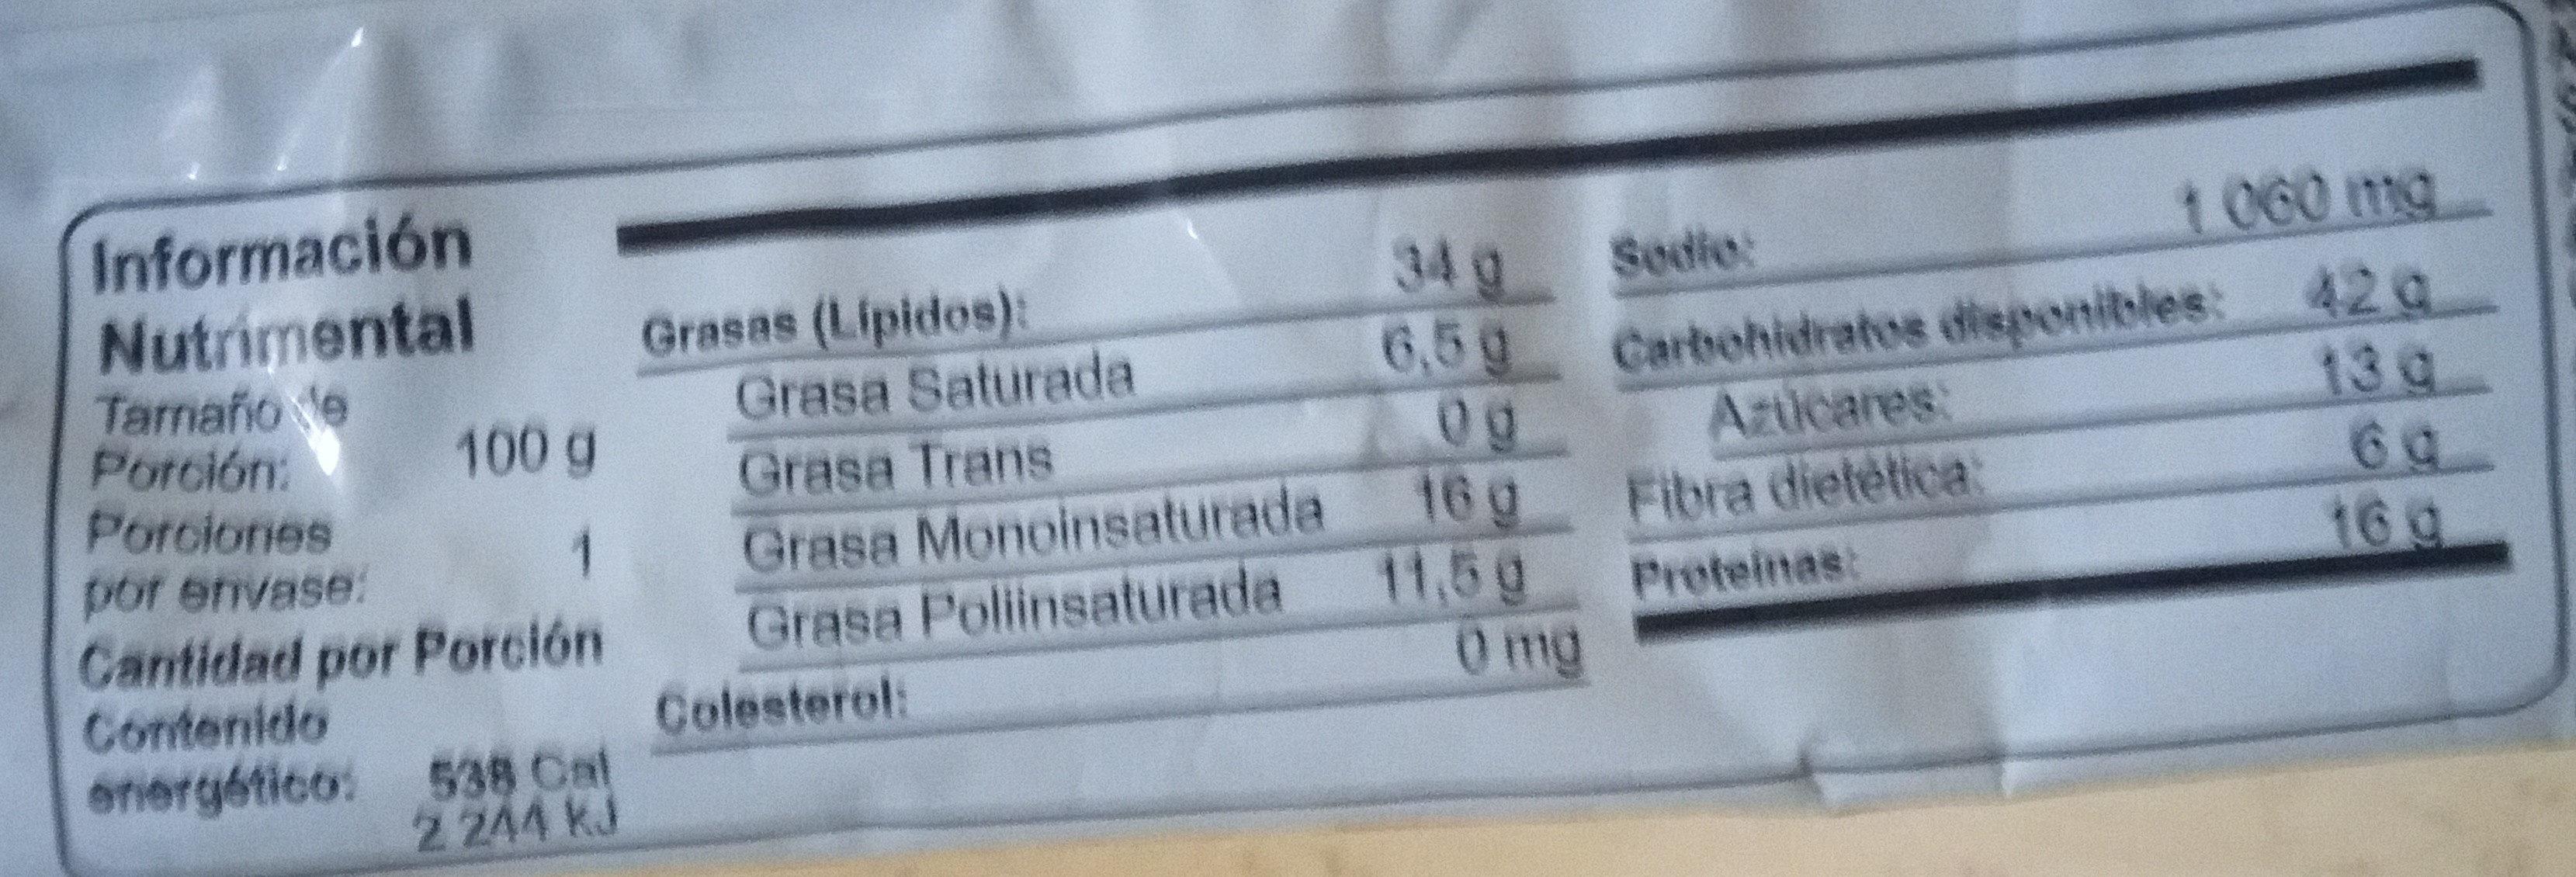 Hot Nuts Original - Nutrition facts - es